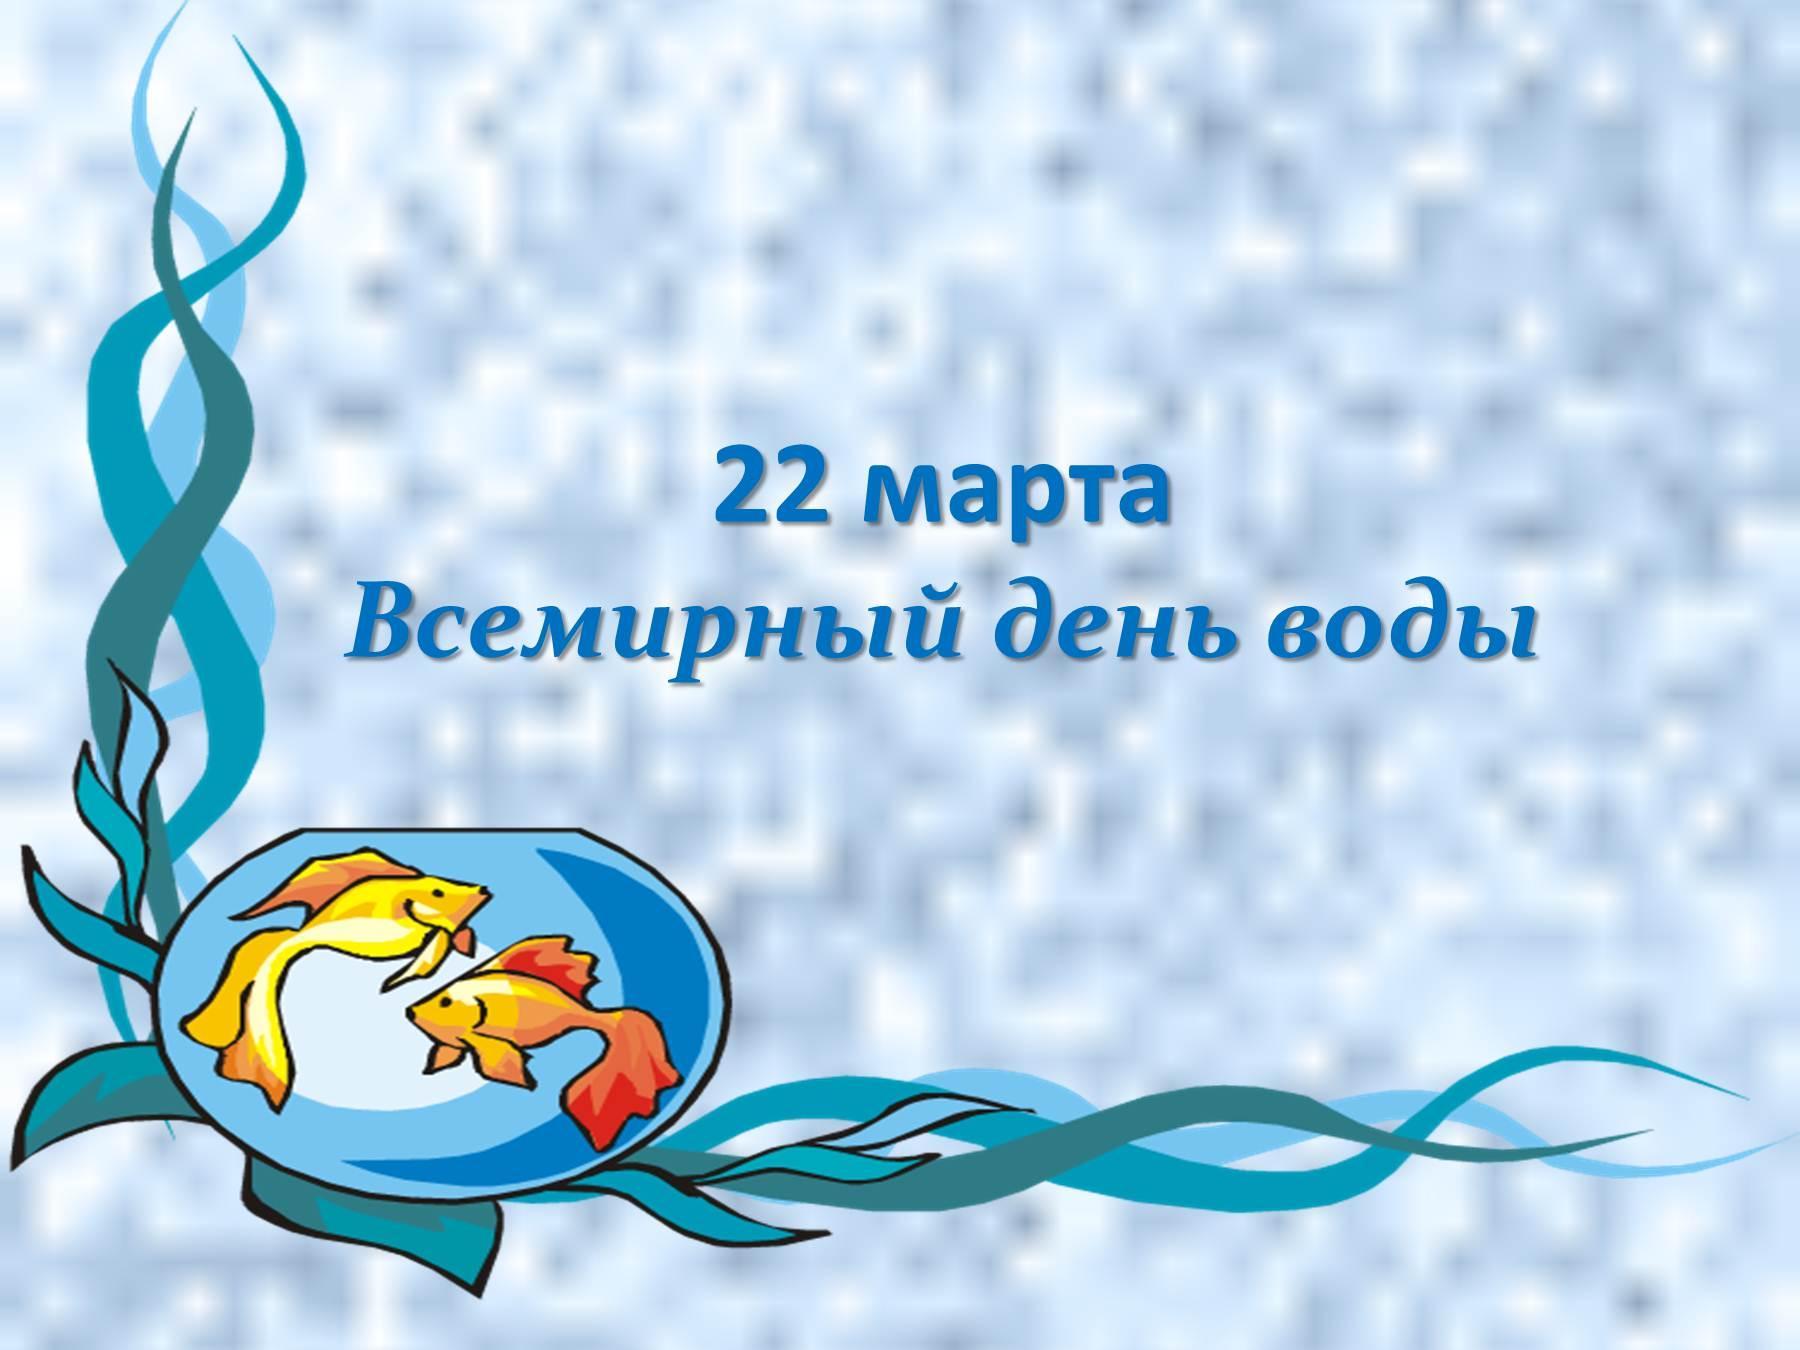 День воды праздник открытки